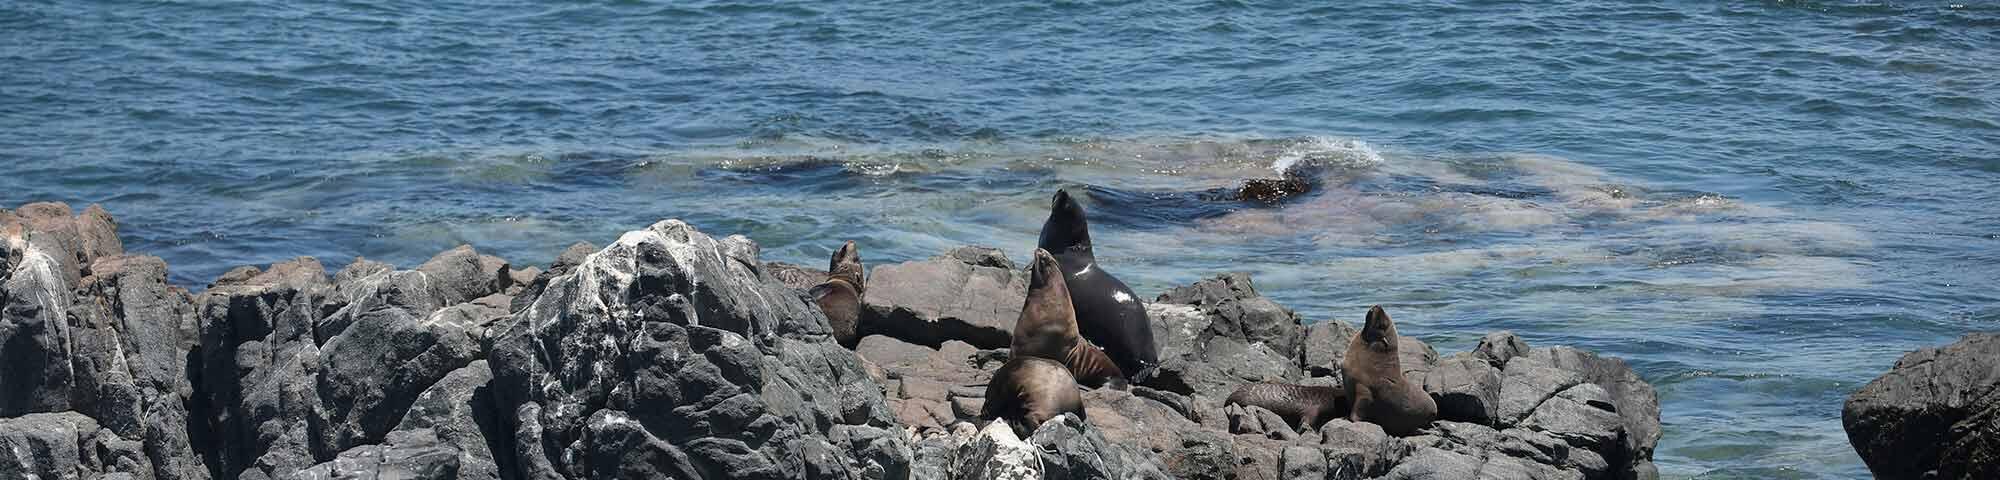 Reserva Nacional de Islas, Islotes y Puntas Guaneras - Punta de Coles